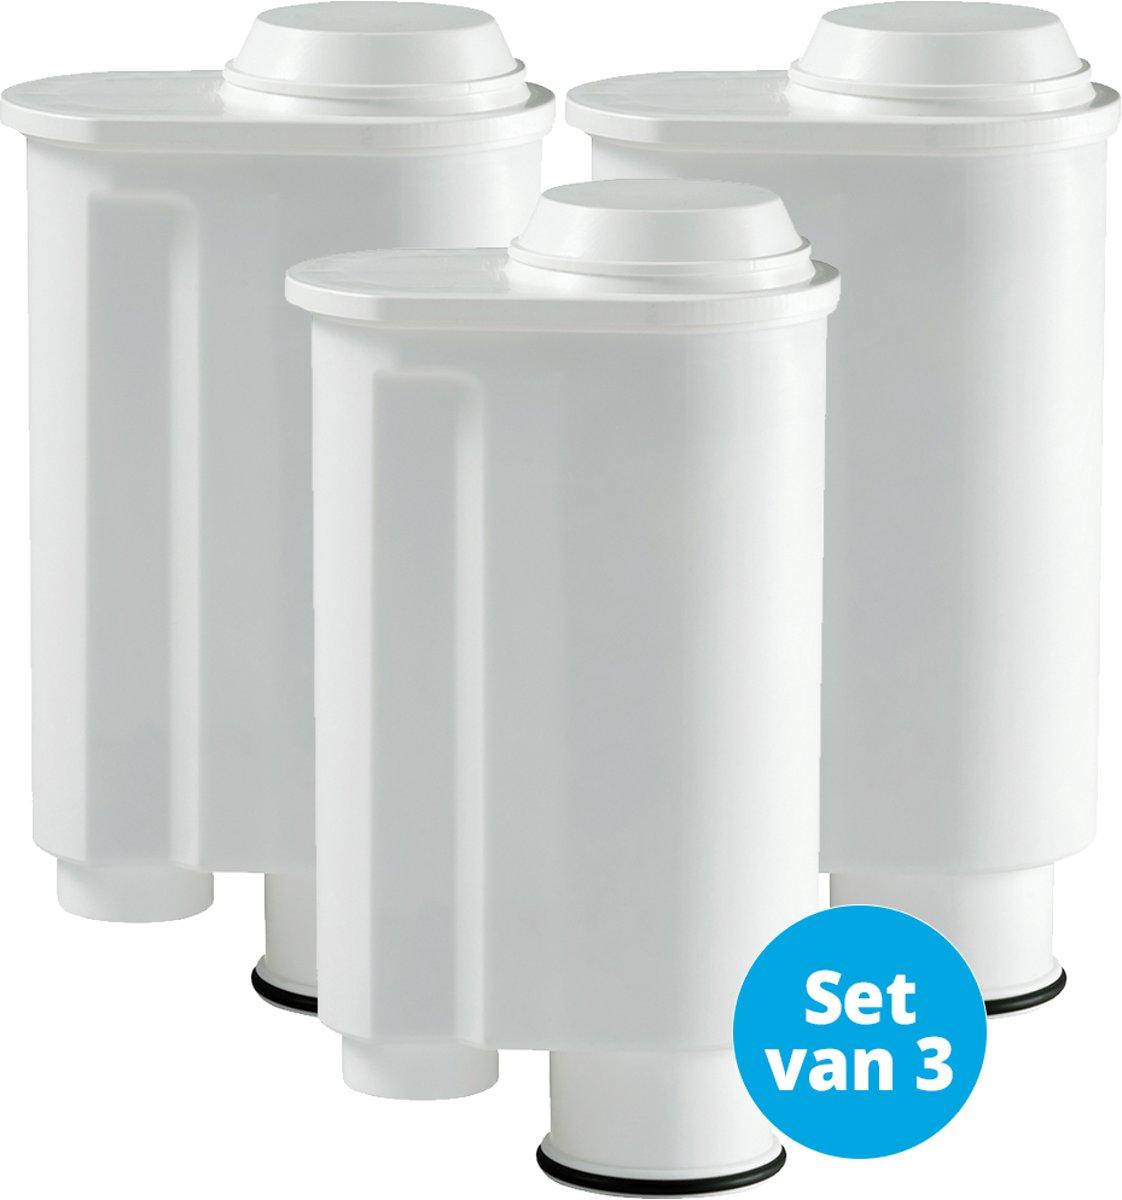 3x Saeco Intenza+ CA6702 Waterfilter van Scanpart kopen